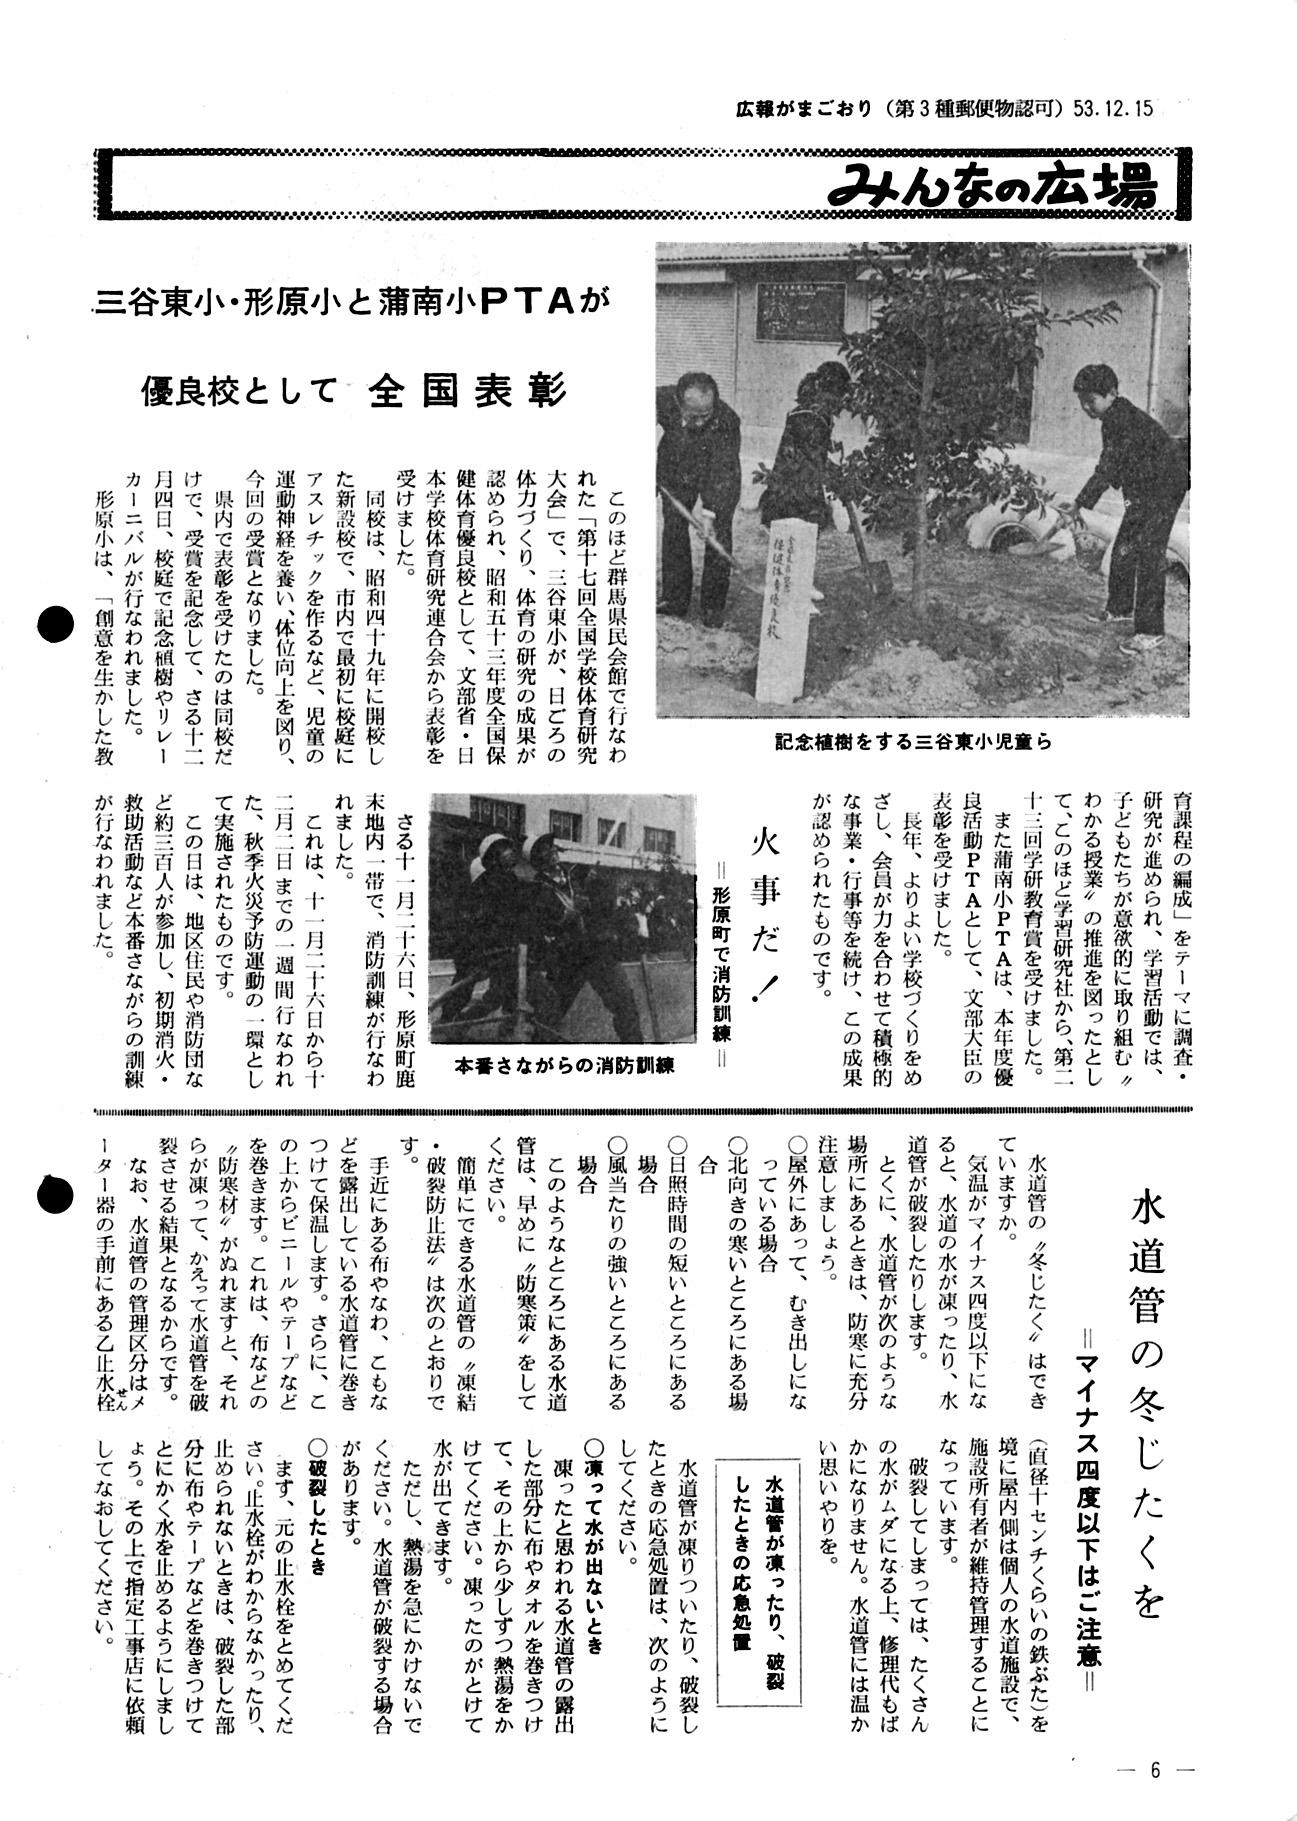 広報がまごおり(昭和53年12月)